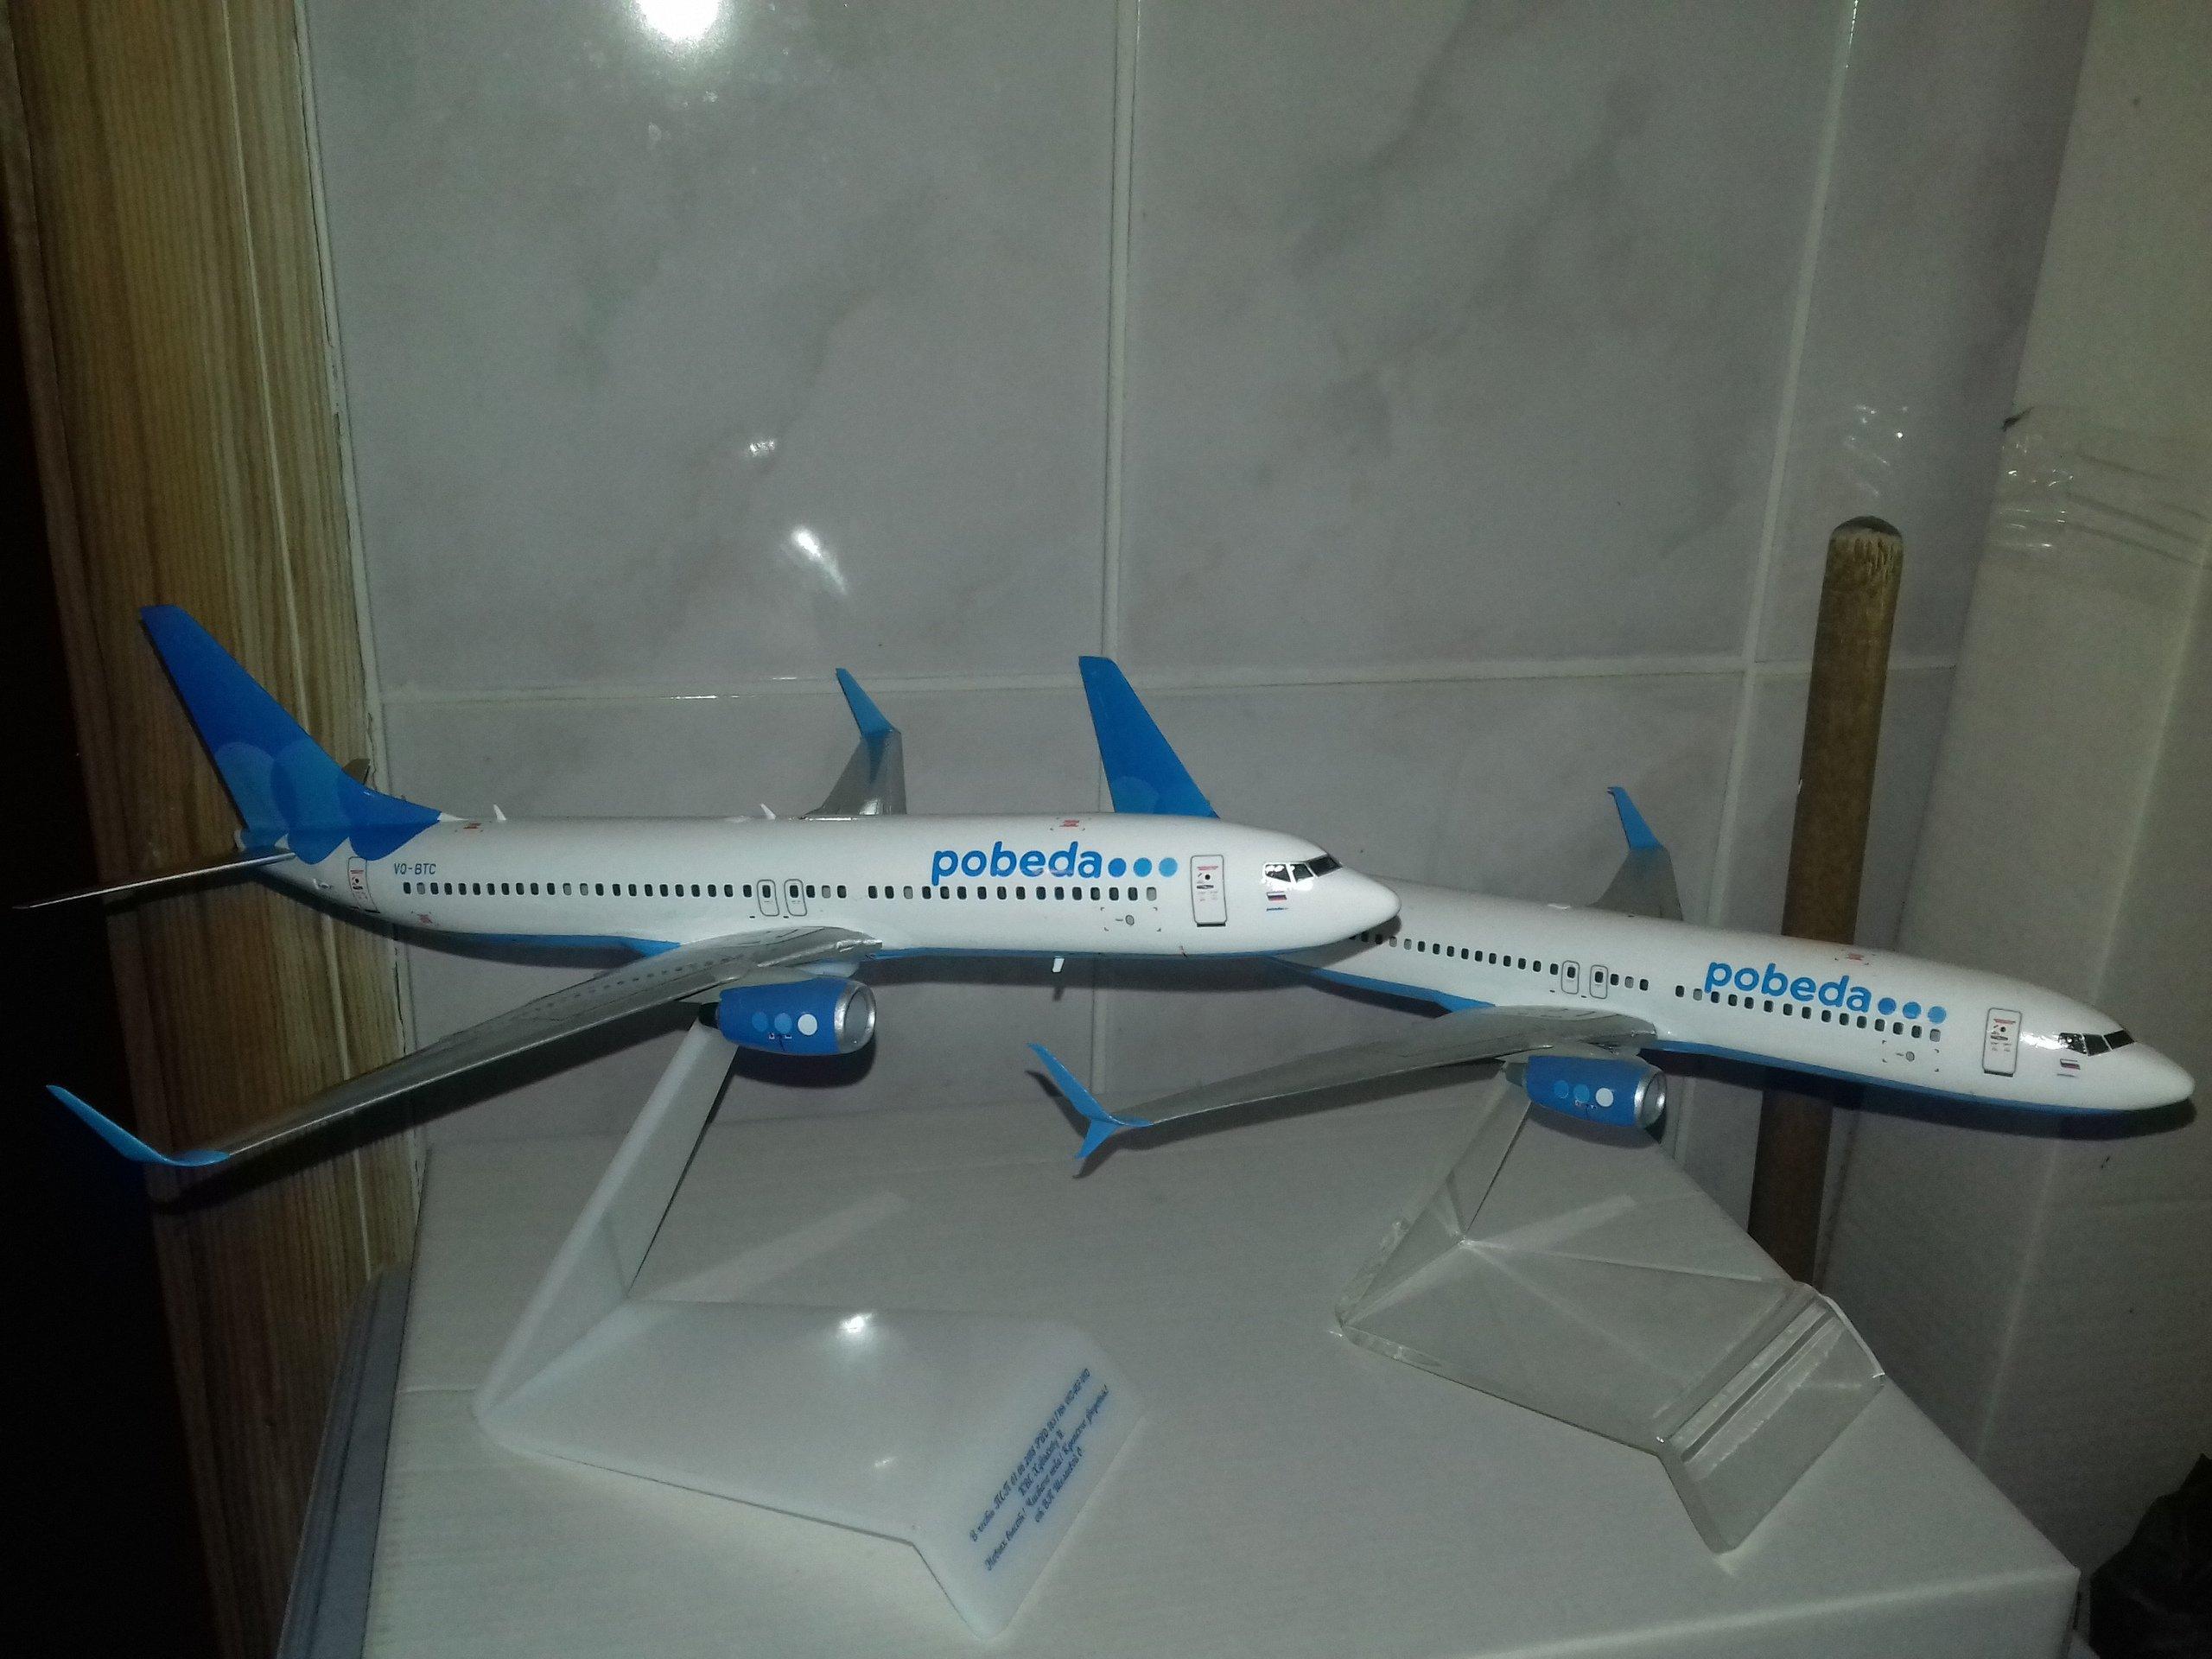 Работа по изготовлению моделей самолетов регрессионная девушка модель курсовая работа